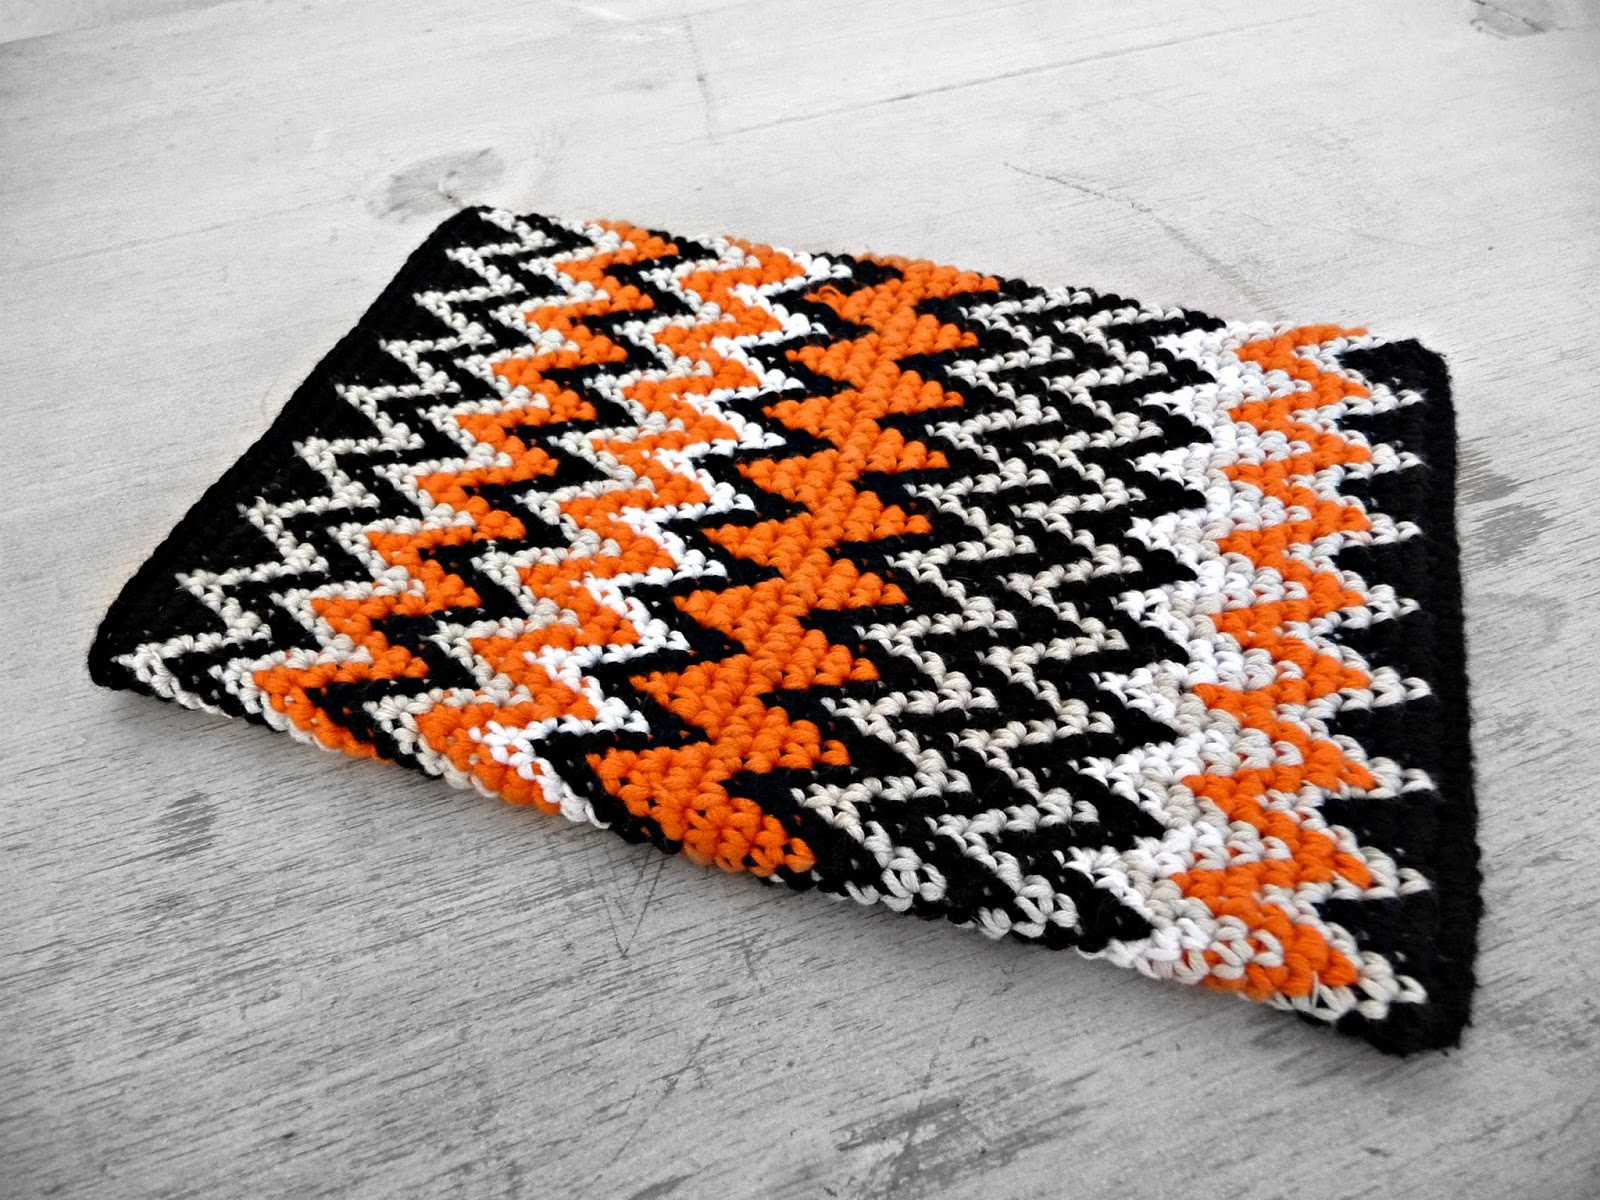 Contemporáneo Patrones De Crochet Libre De Pascua Imágenes - Ideas ...